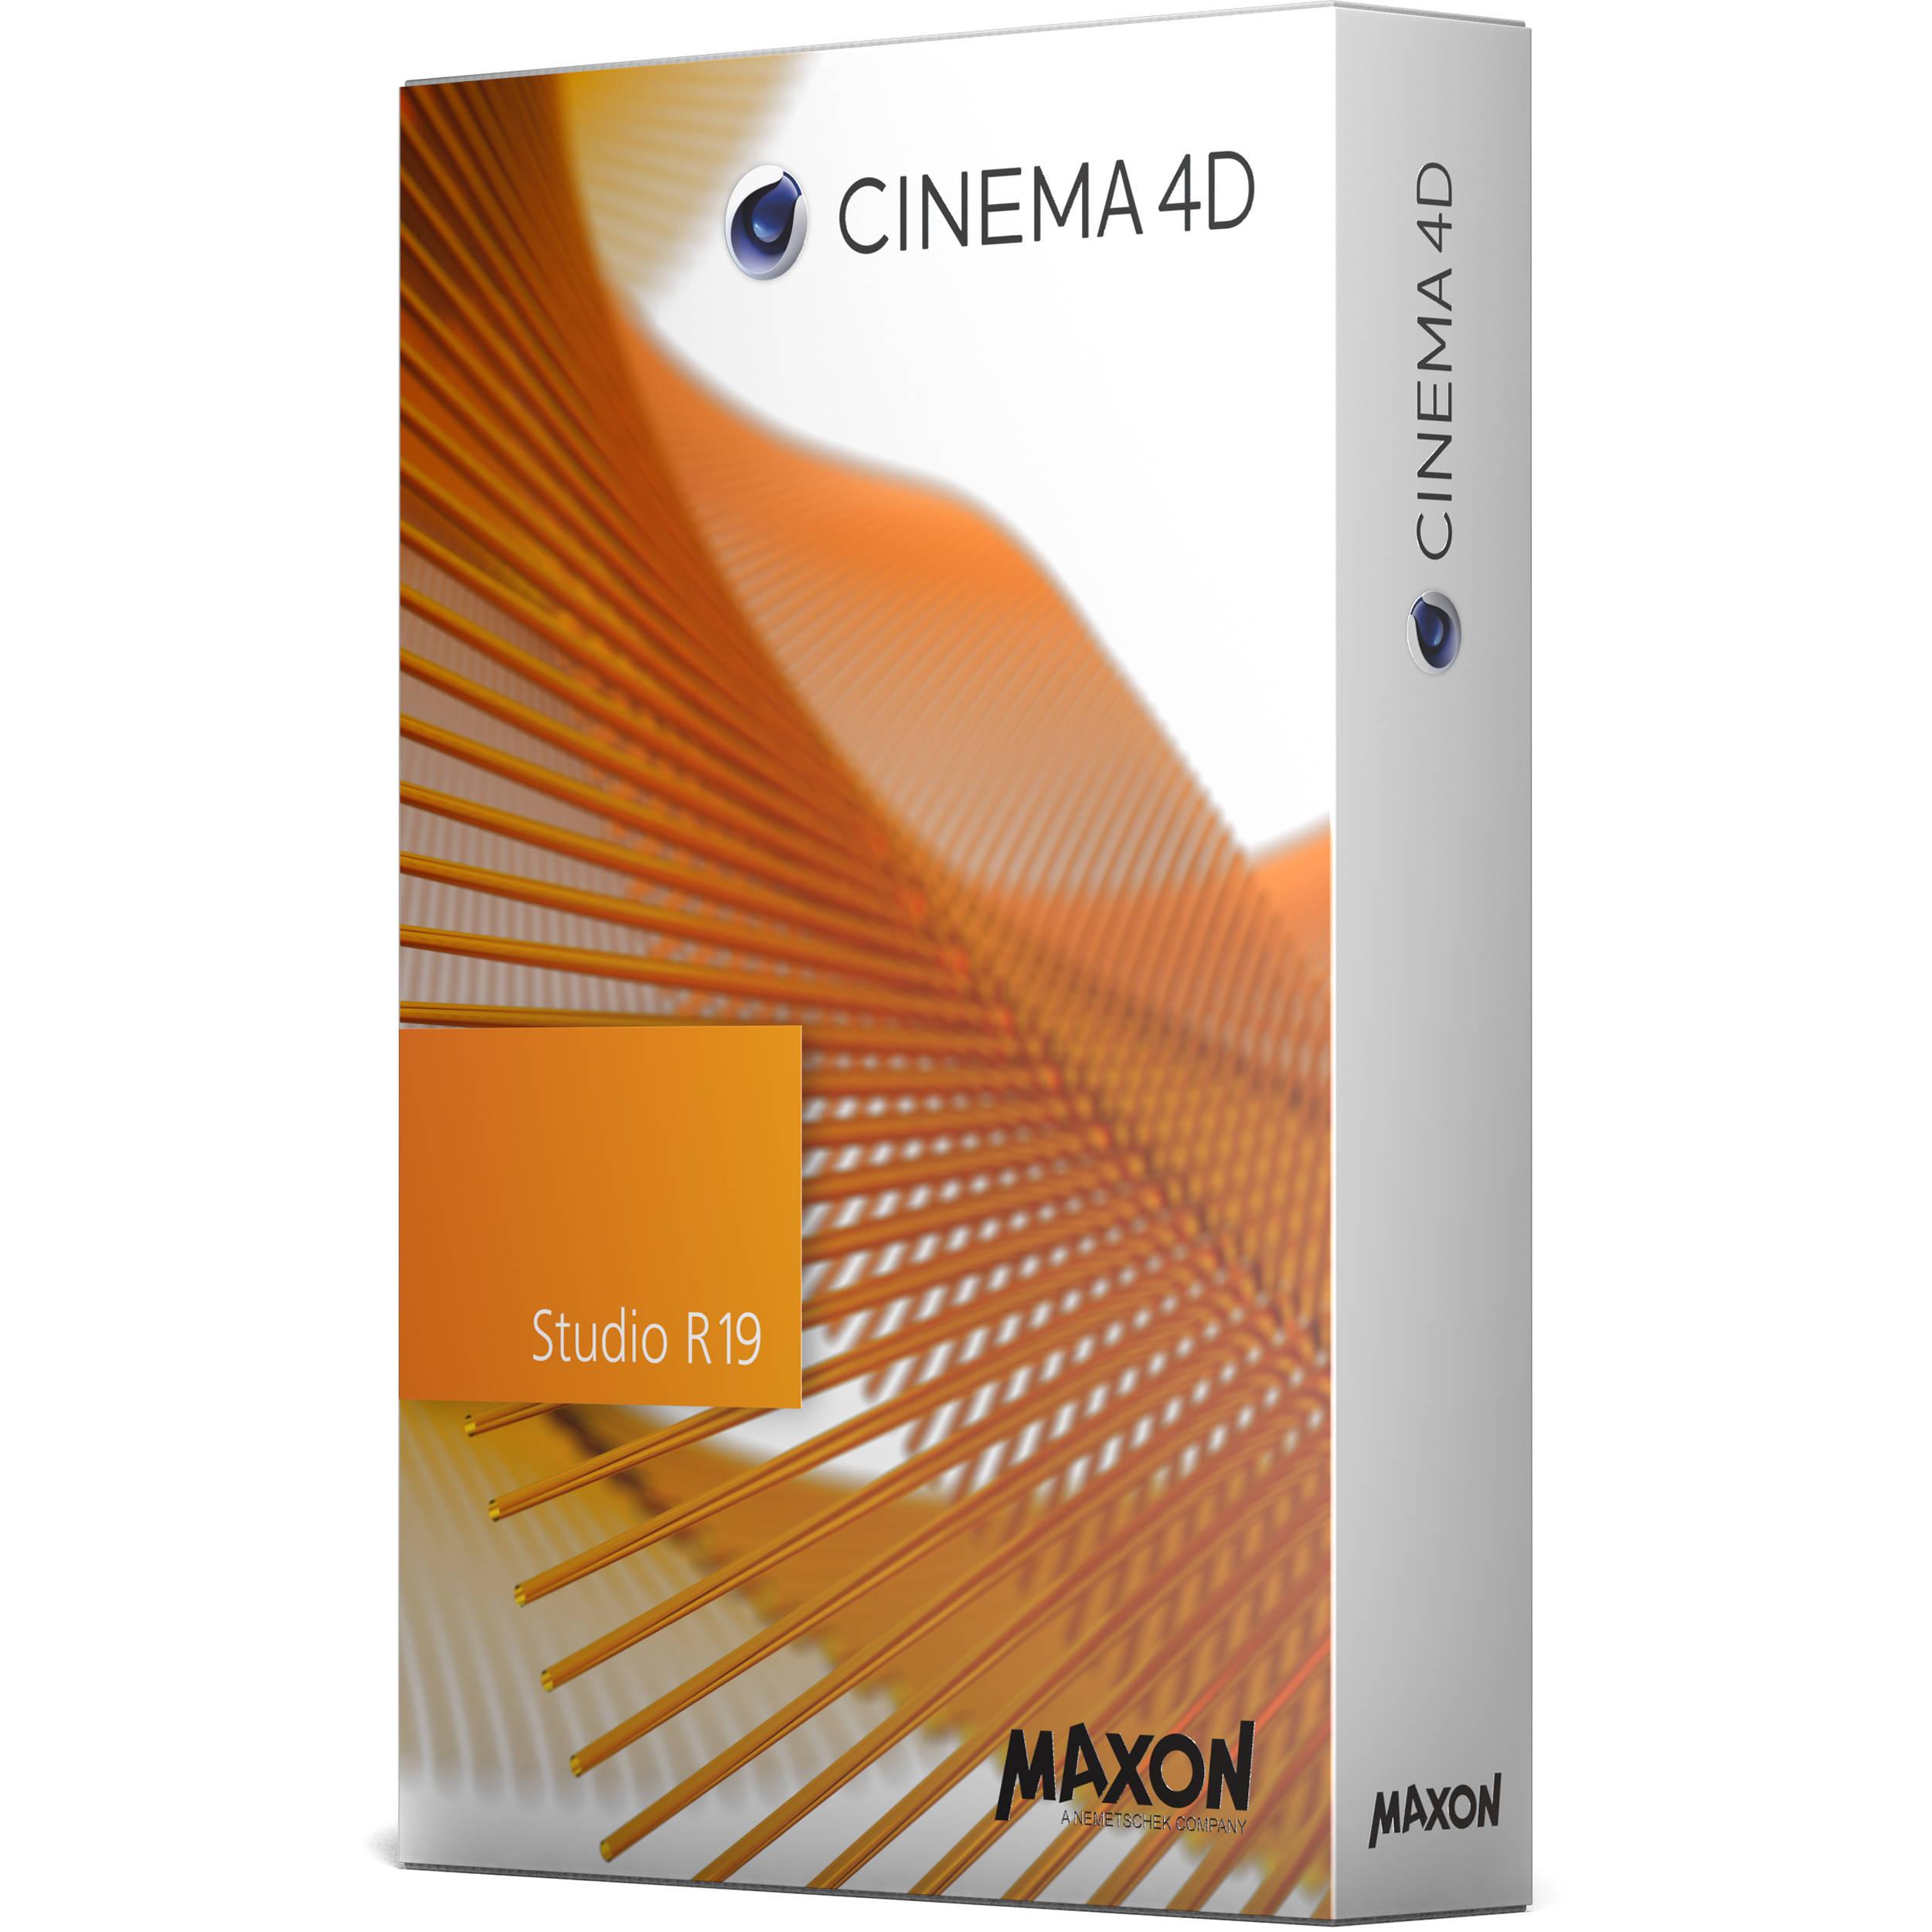 cinema 4d software crack download